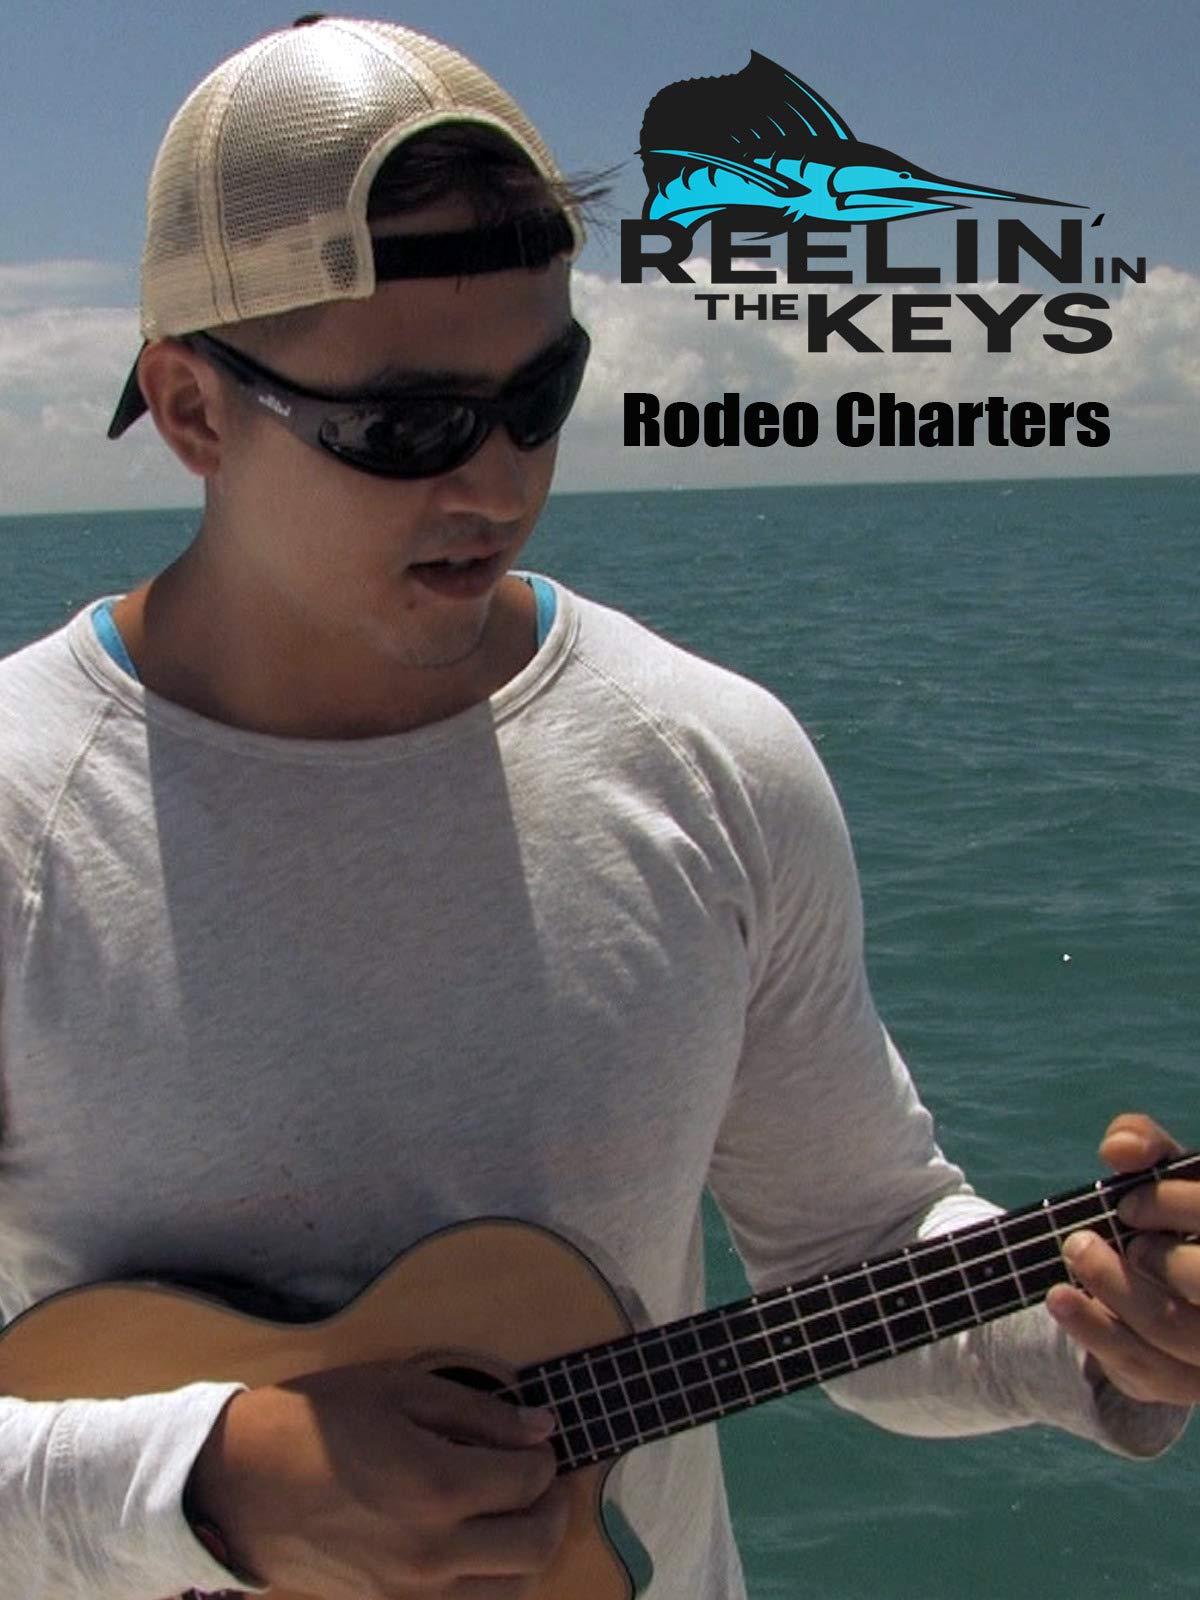 Reelin' In The Keys- Rodeo Charters